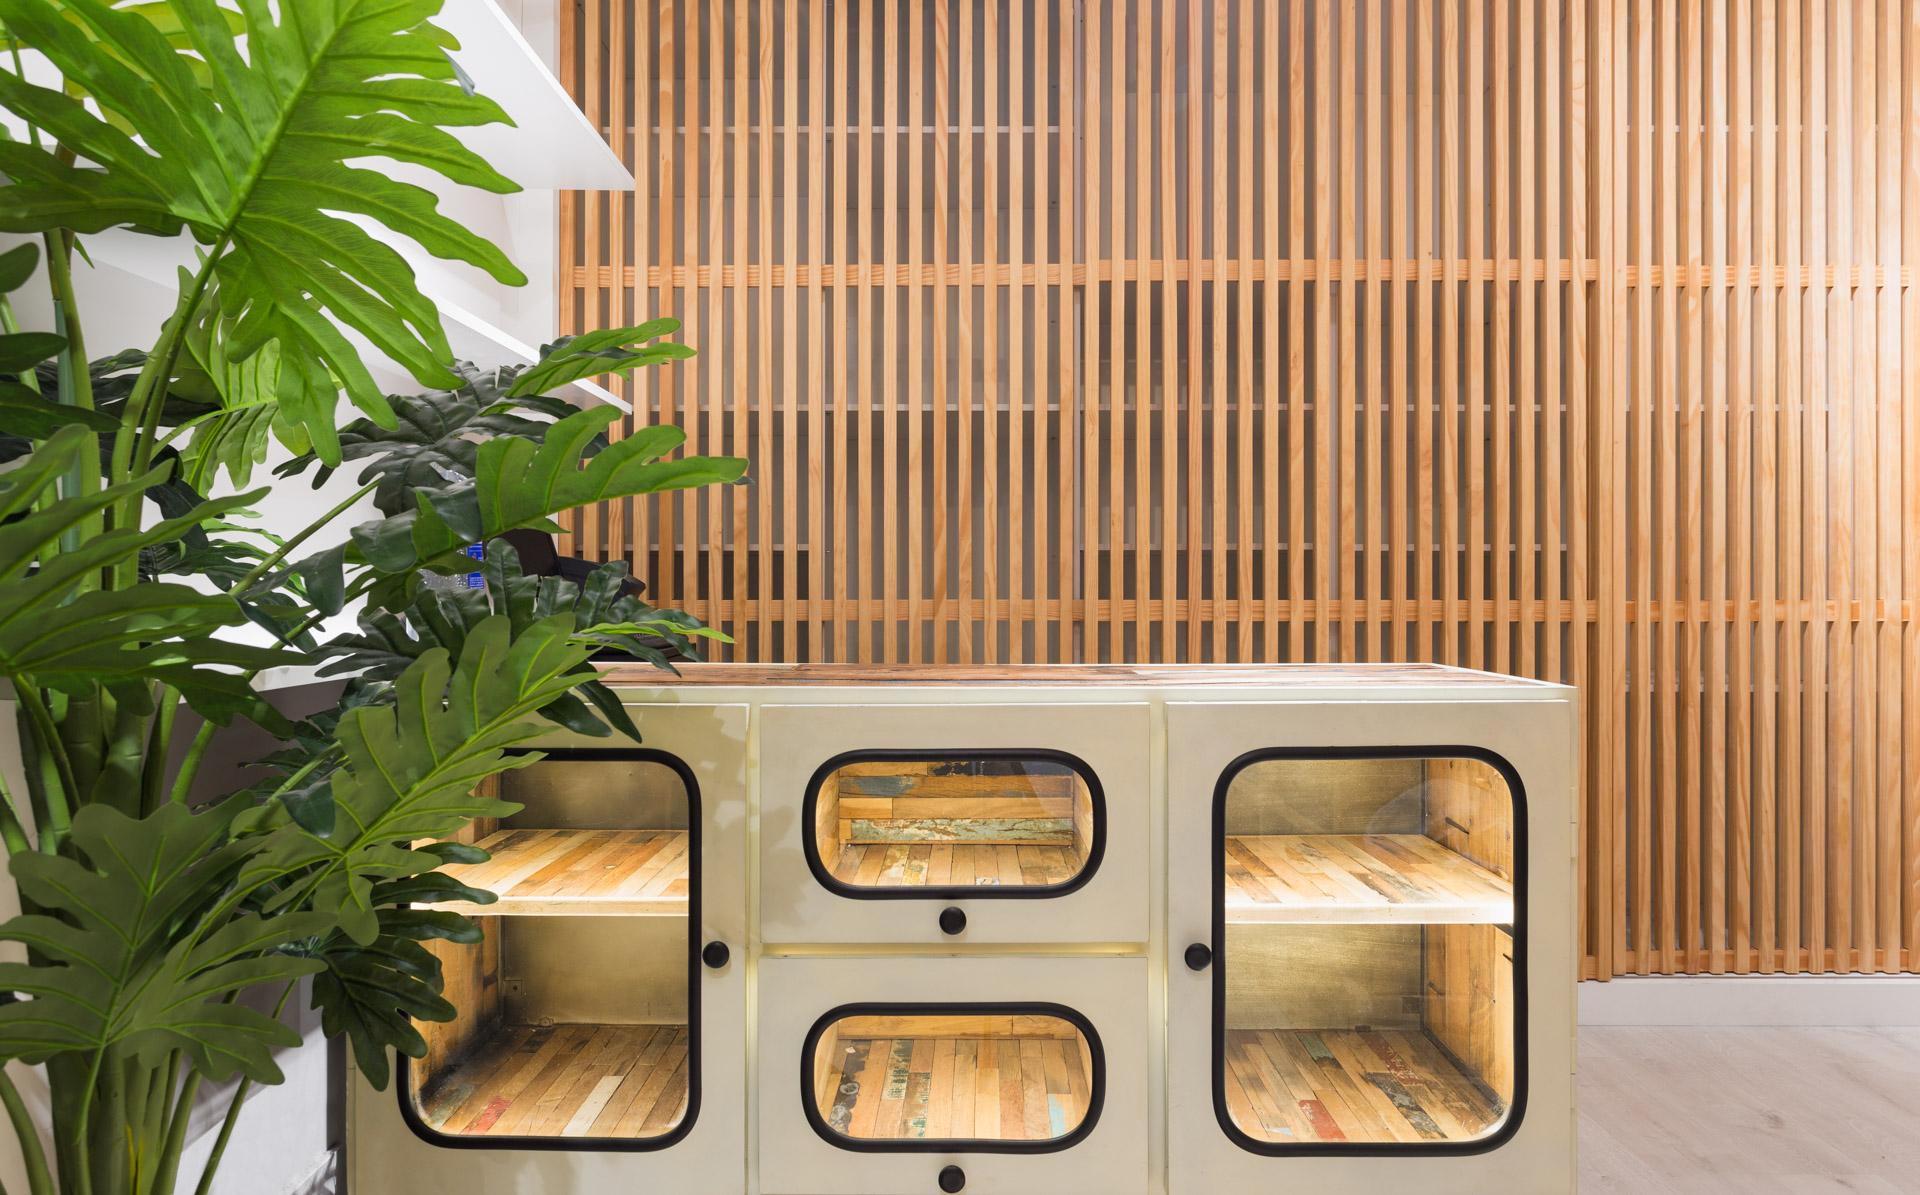 Tienda de moda NORD | Concept Habitat - Tienda de moda NORD | Concept Habitat Studio - Tienda de moda NORD | Concept Habitat Studio | Jose Chas